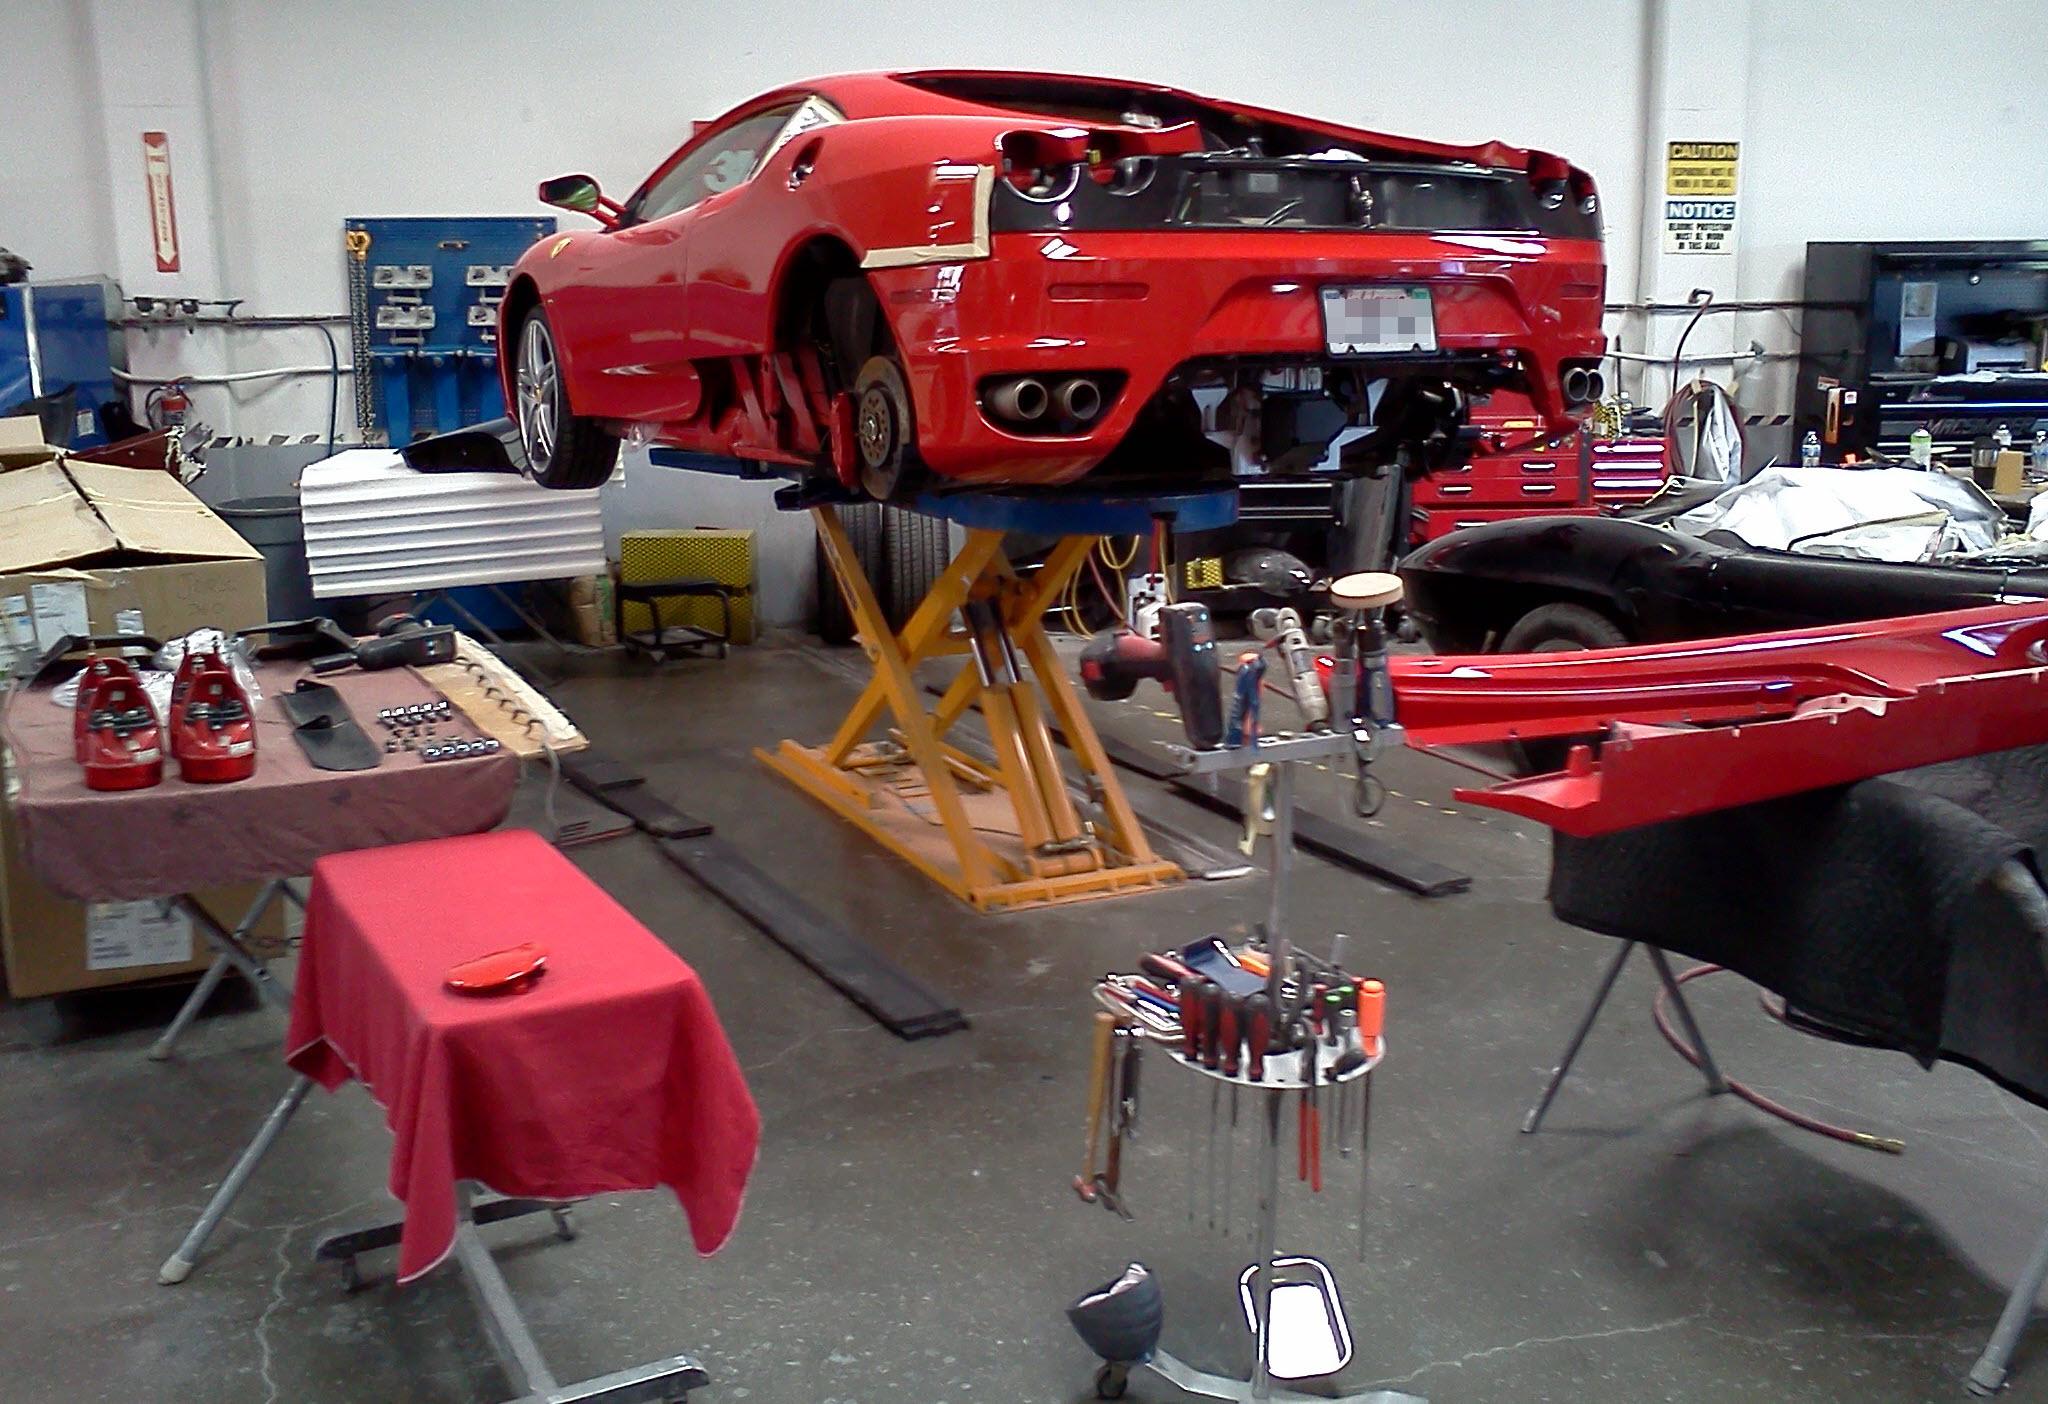 Ferrari F430 on repair lift